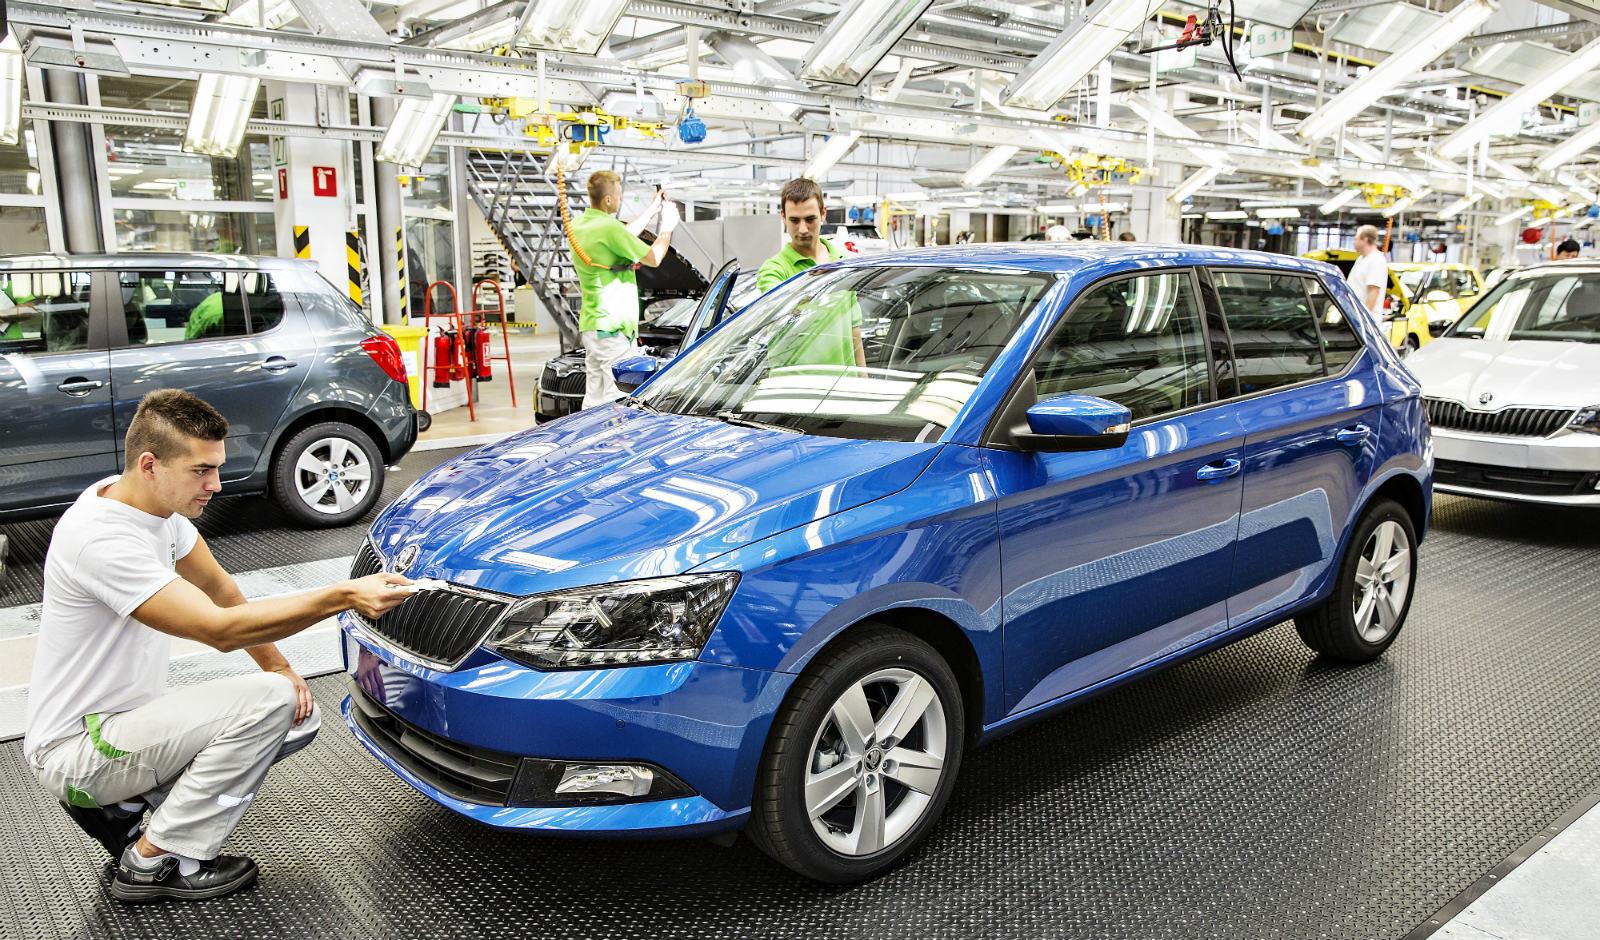 Výroba nové generace vozu ŠKODA Fabia. Zdroj: Škoda Auto